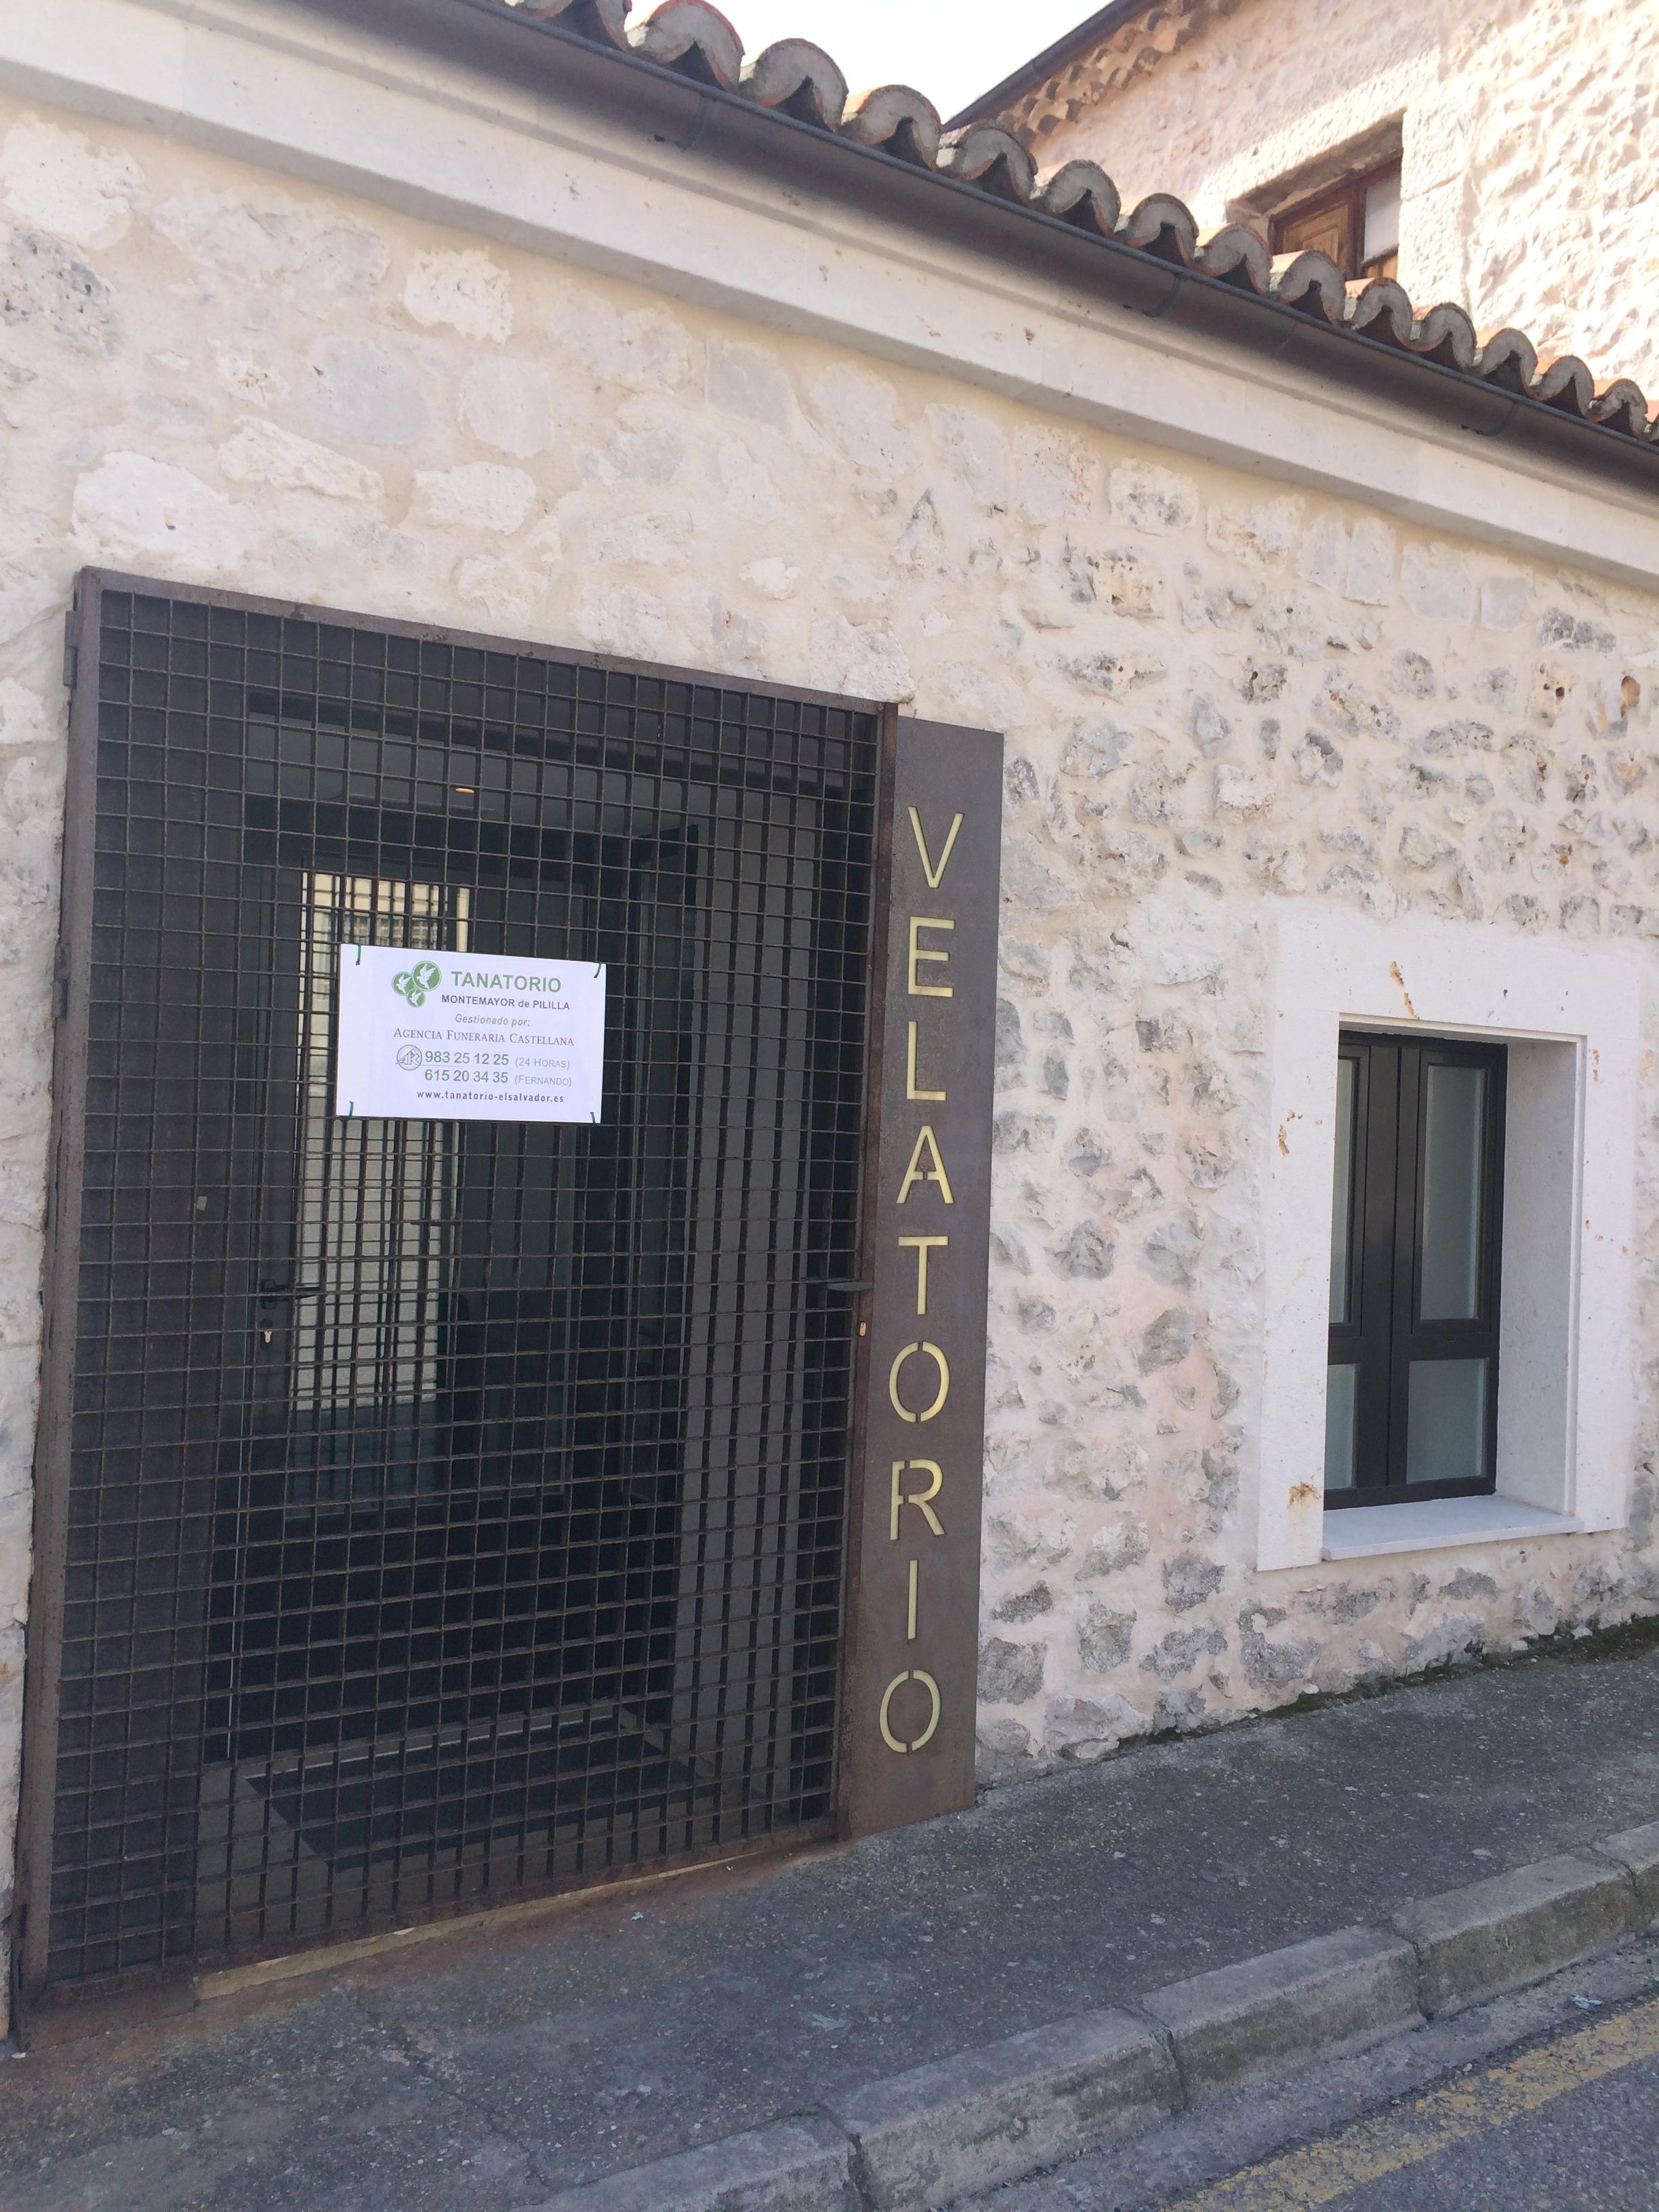 Empresa funeraria montemayor de pililla grup el salvador for Horario oficinas caja duero